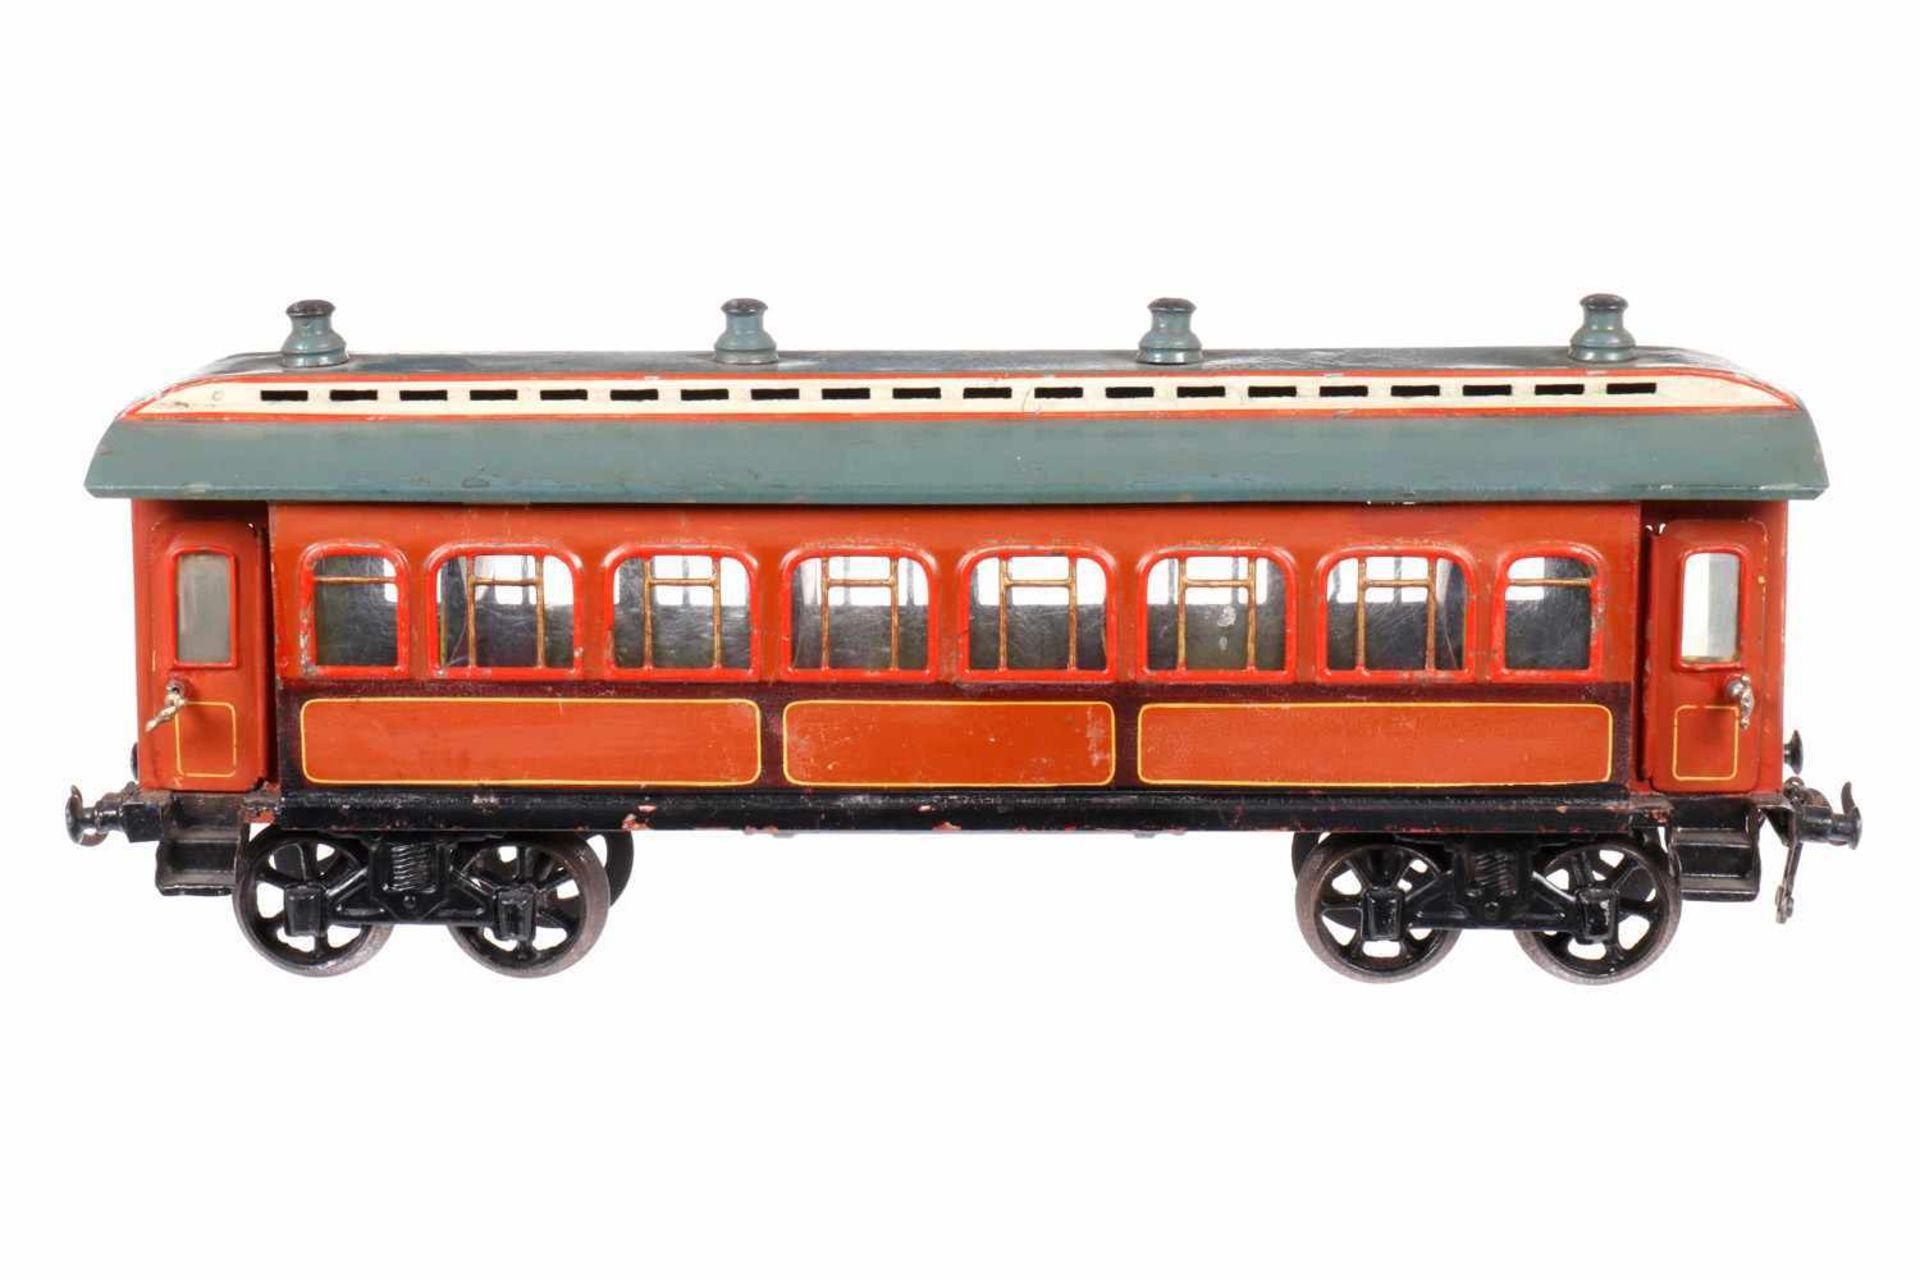 Bing Personenwagen, S 2, uralt, HL, mit Inneneinrichtung, Vorhang fehlt, 6 AT, 4A Gussräder, Dach